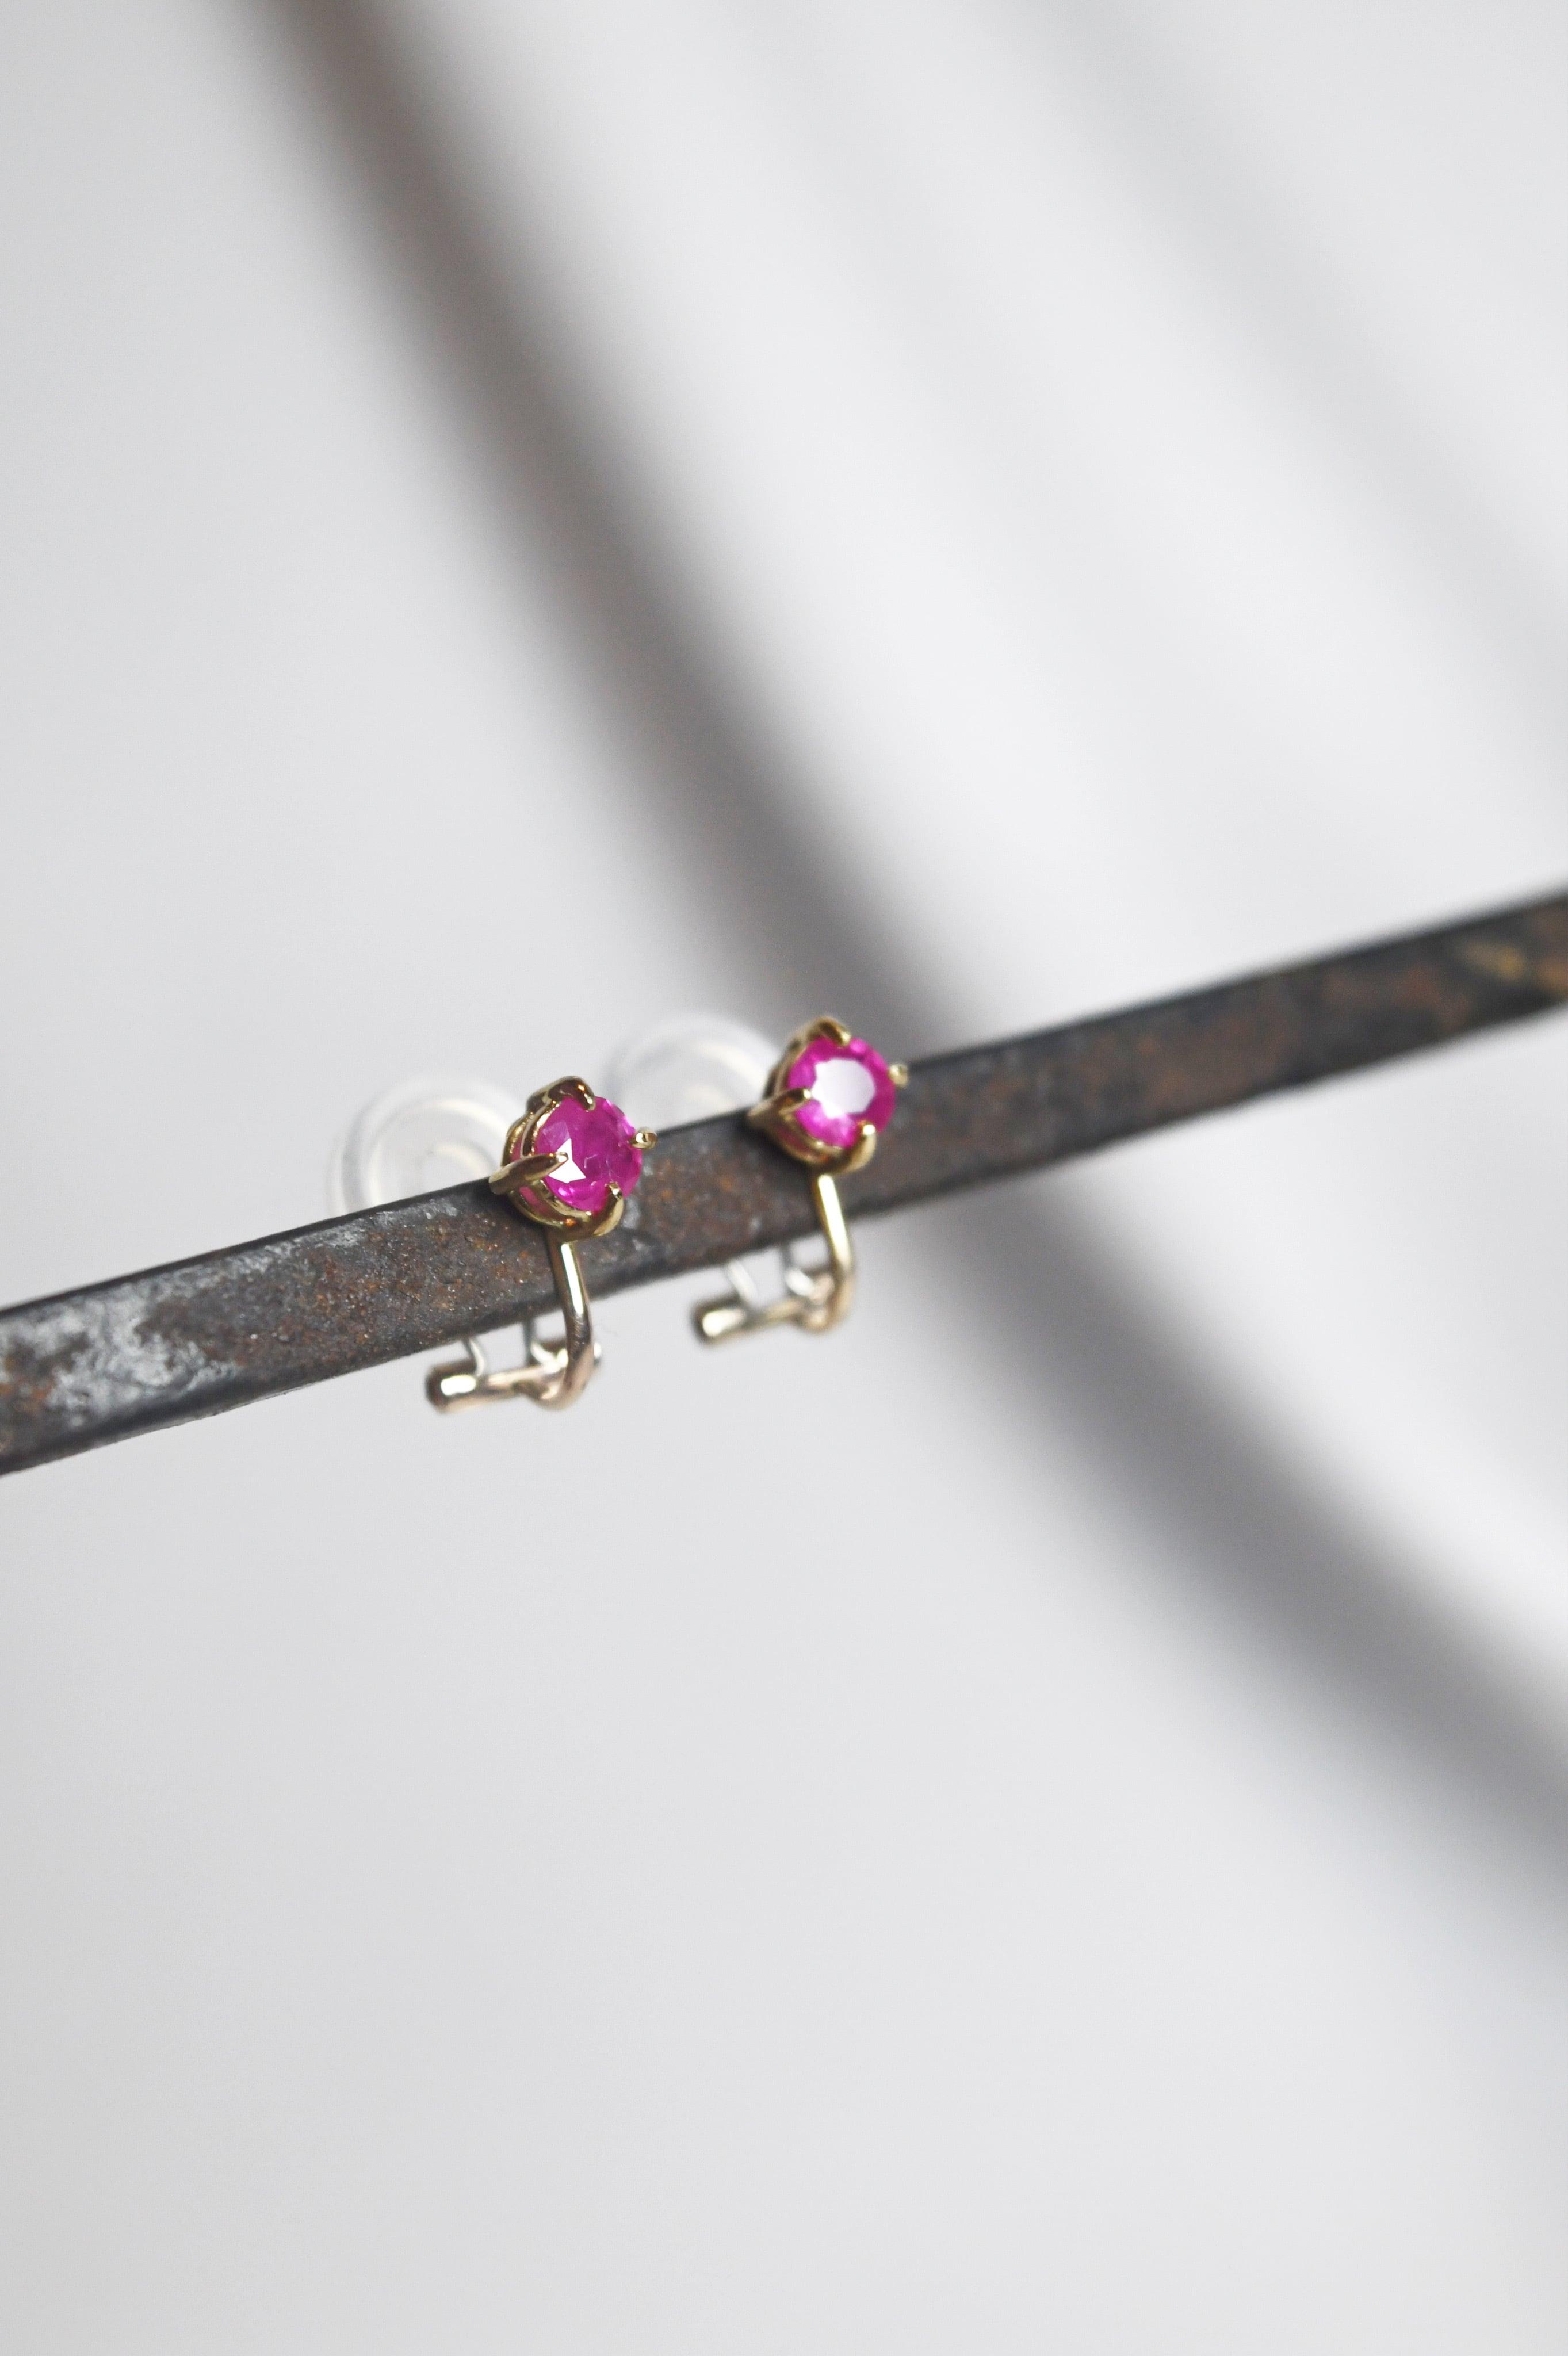 K18 Myanmar Ruby Earrings 18金ミャンマー産ルビーイヤリング